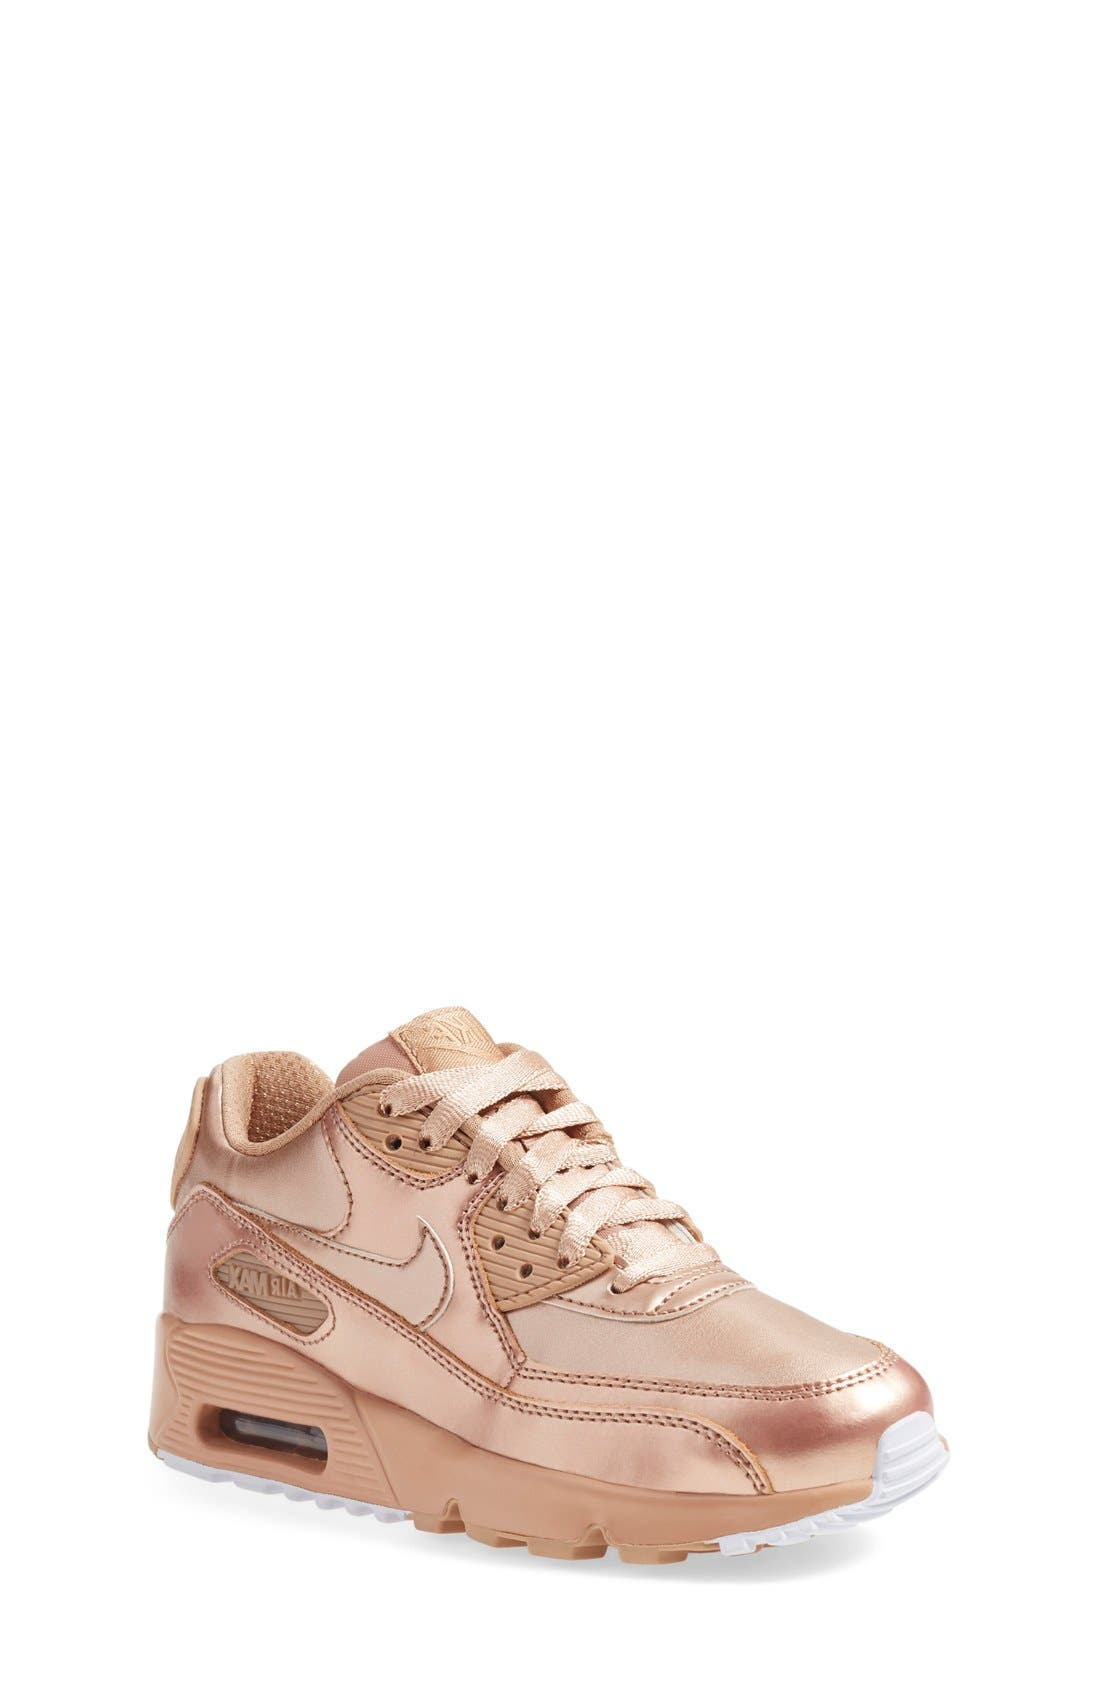 Main Image - Nike Air Max 90 SE Sneaker (Big Kids)